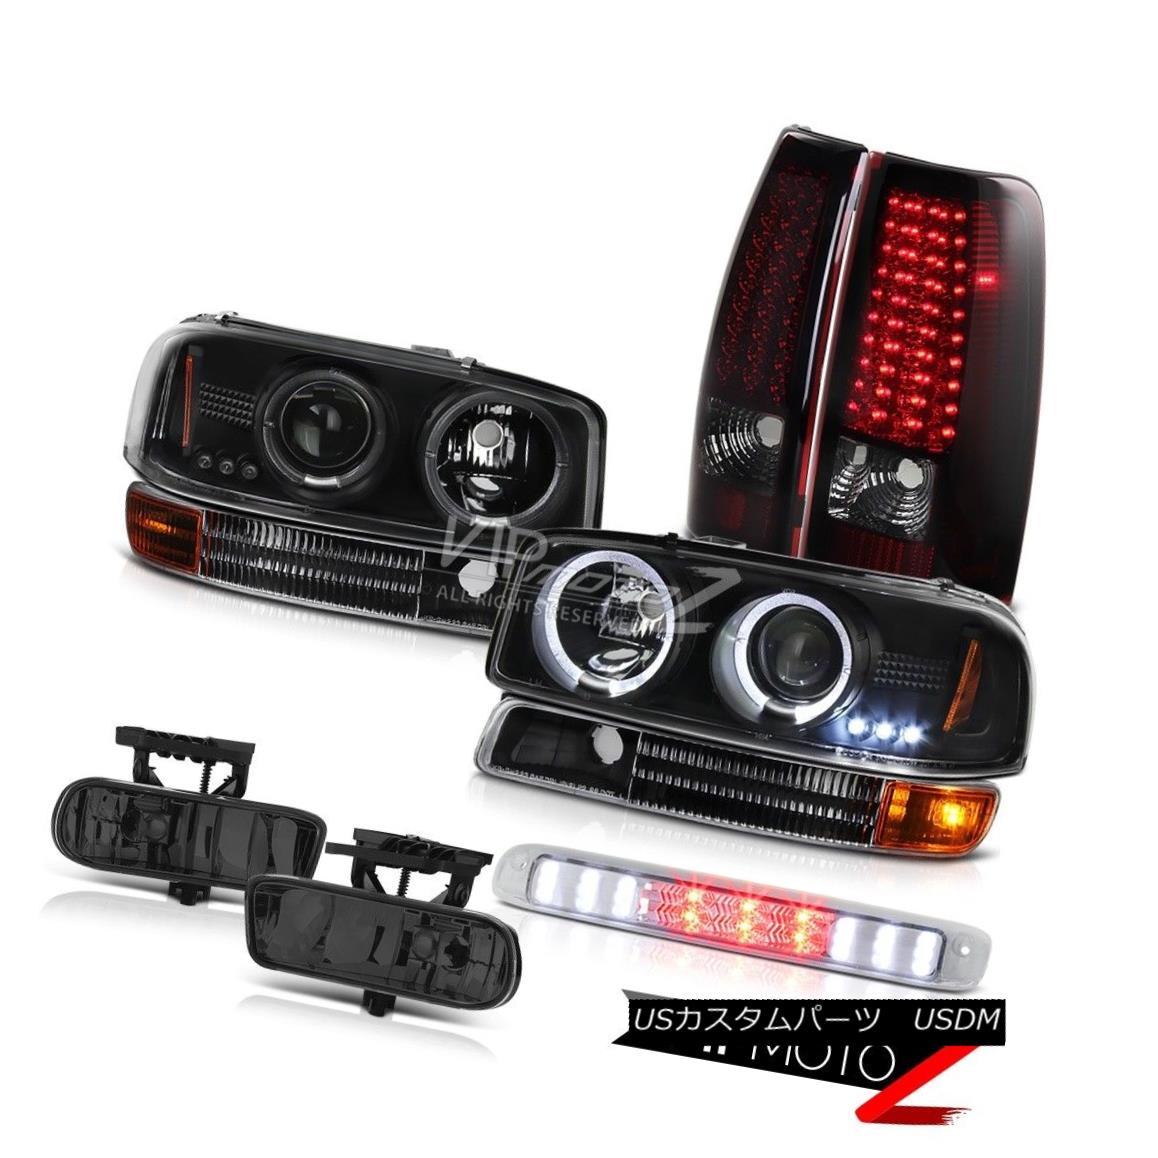 ヘッドライト Black Halo LED Headlights Red Smoke Tail Lights Foglamp Third Brake 99-02 Sierra ブラックハローLEDヘッドライト赤煙テールライトフォグランプ第3ブレーキ99-02 Sierra